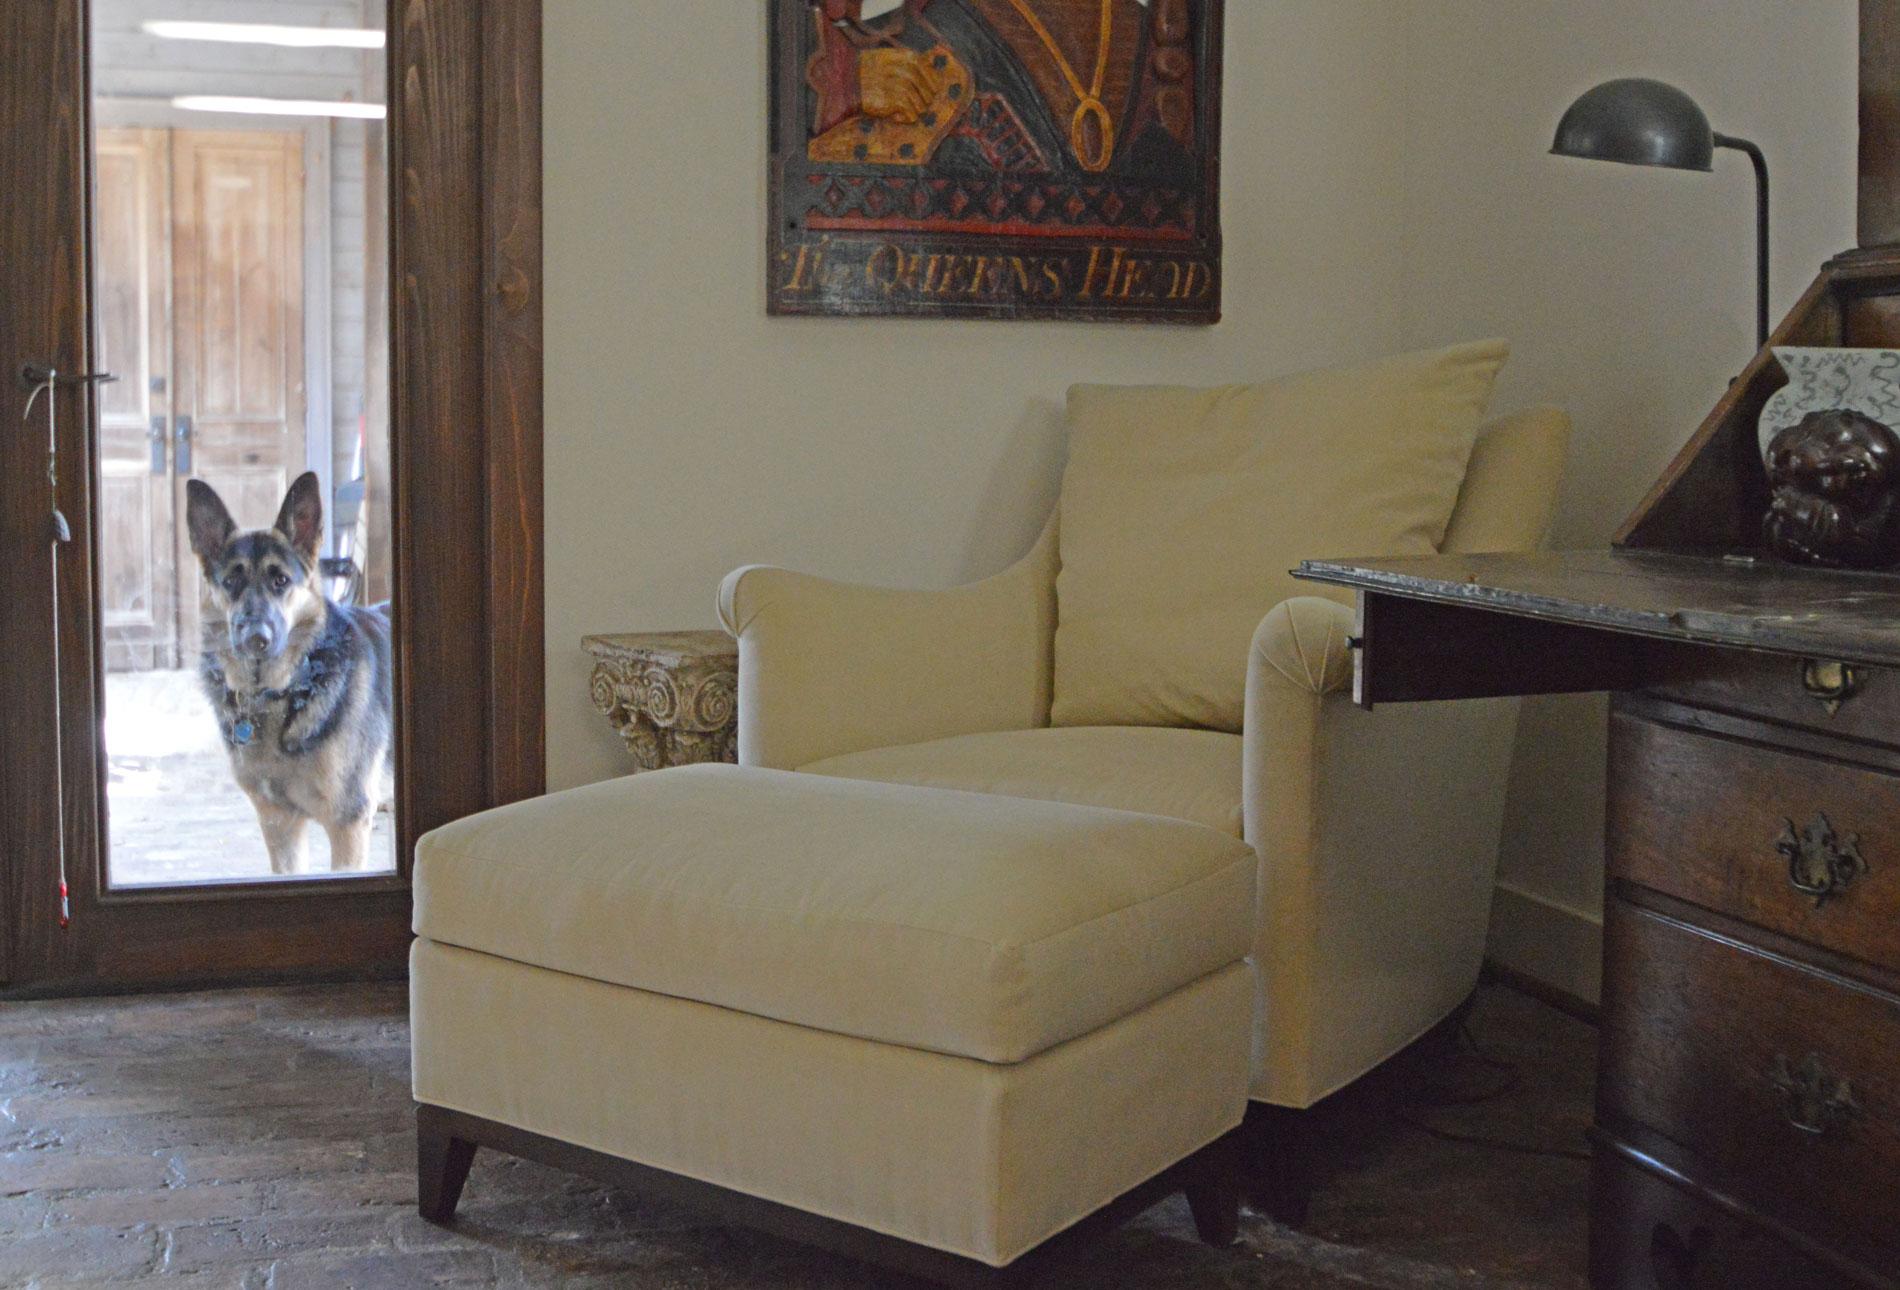 sindel-joel-dixon-smith-interiors-baton-rouge-interior-design-custom-furniture-web-0009